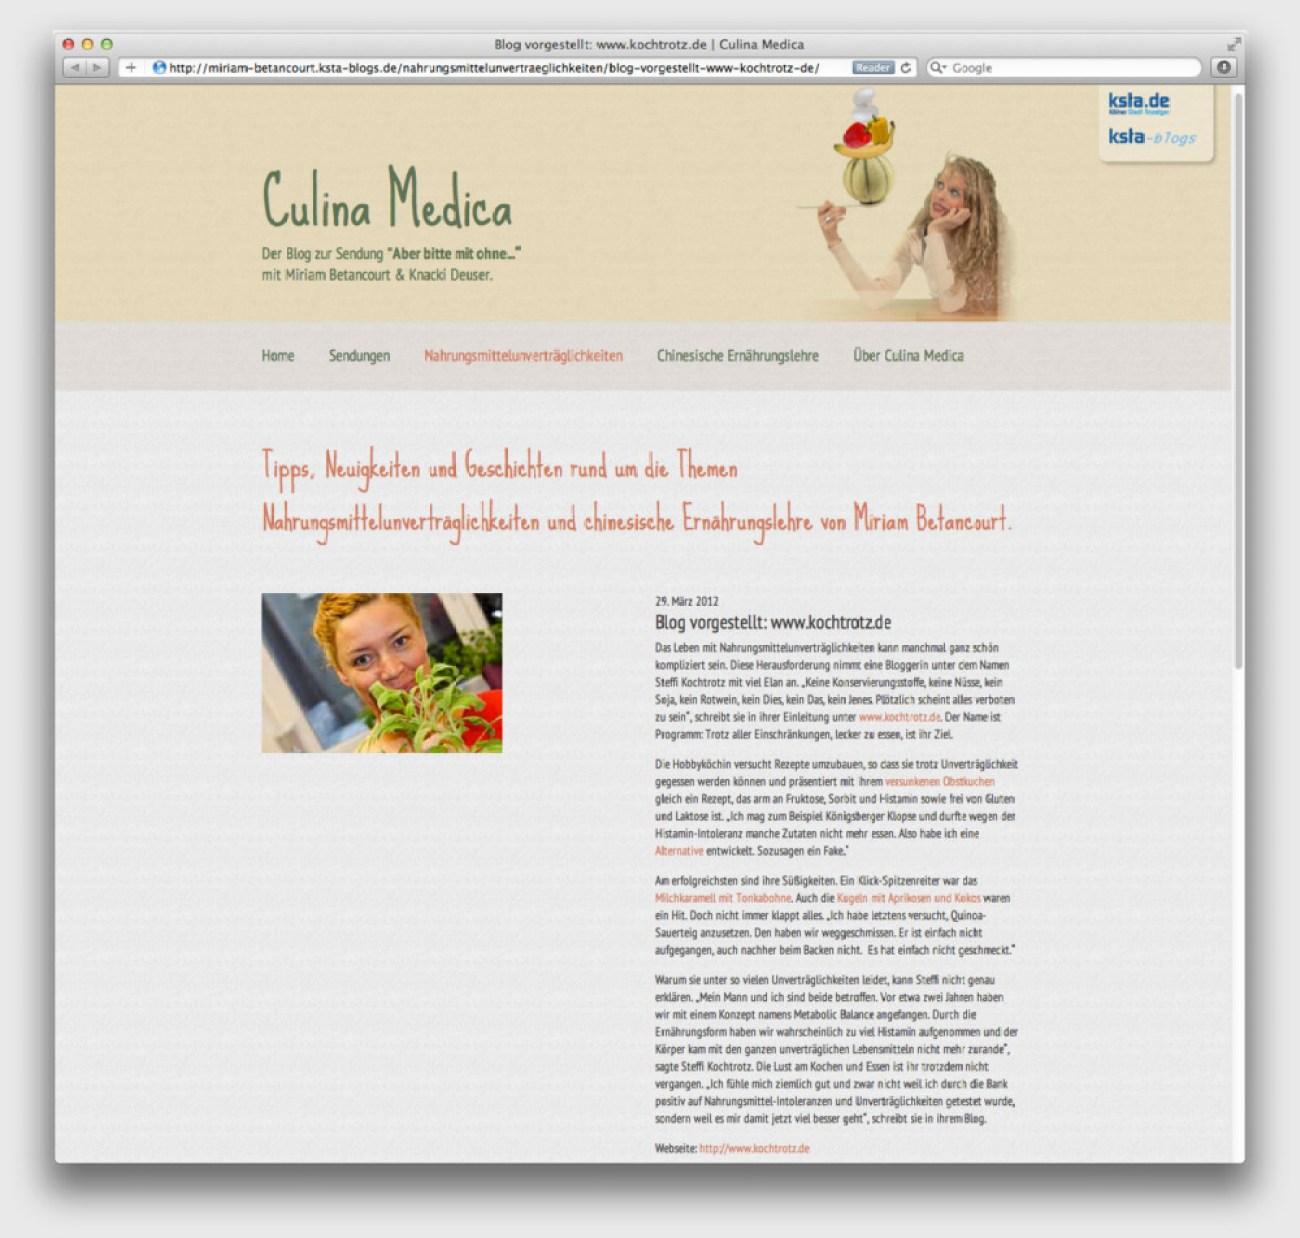 Steffi Kochtrotz gibt Ihr erstes Interview im Blog des Kölner Stadtanzeiger